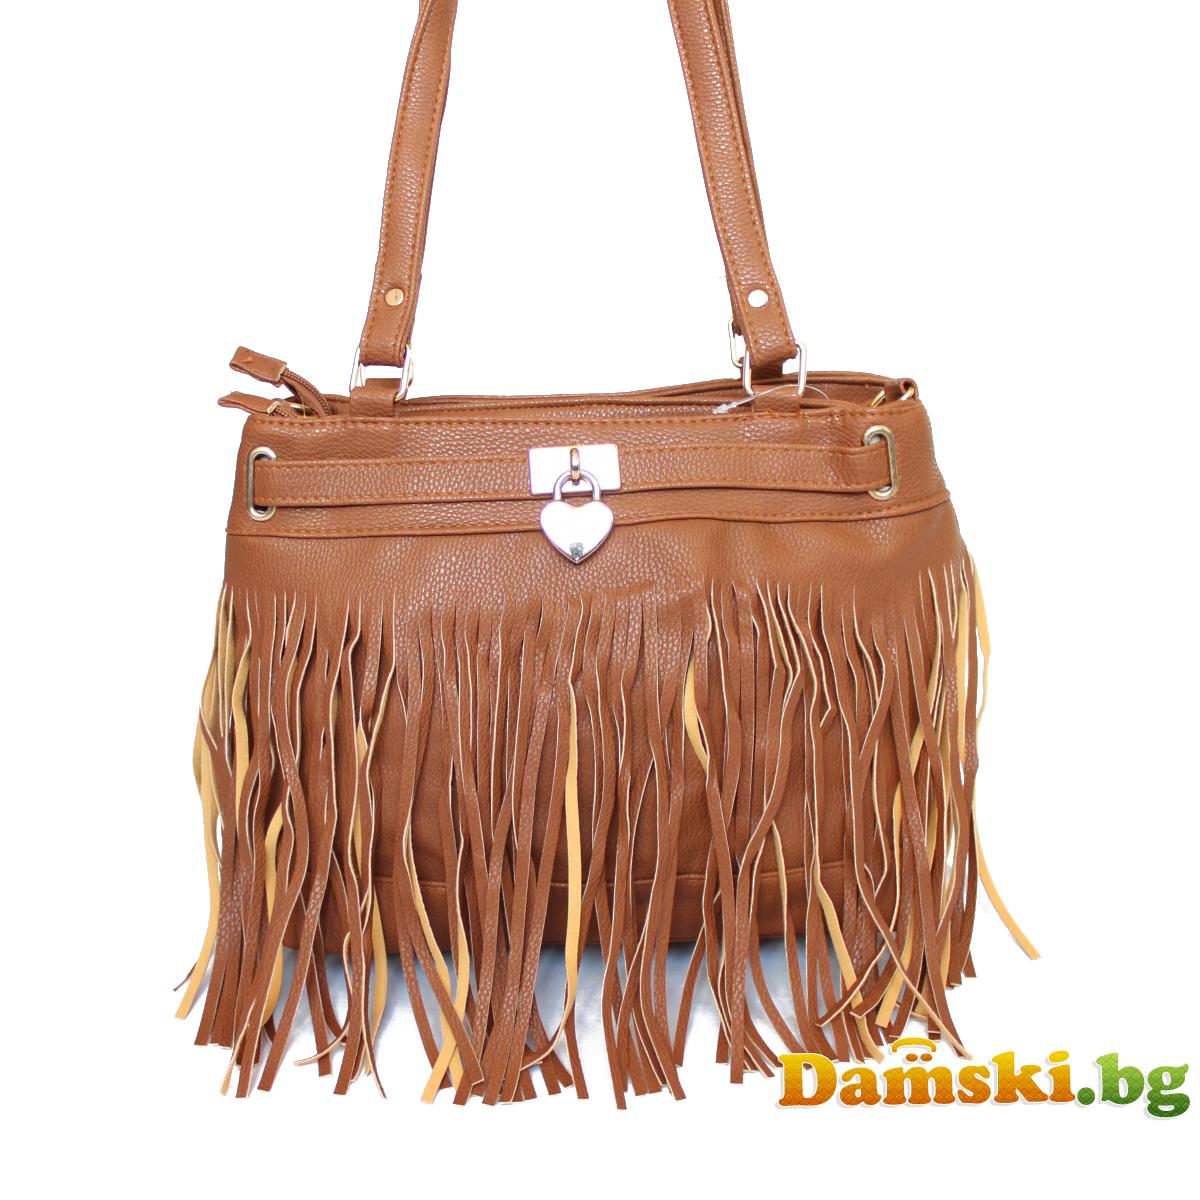 Дамска чанта Стейси с ресни - кафява Снимка 3 от 3